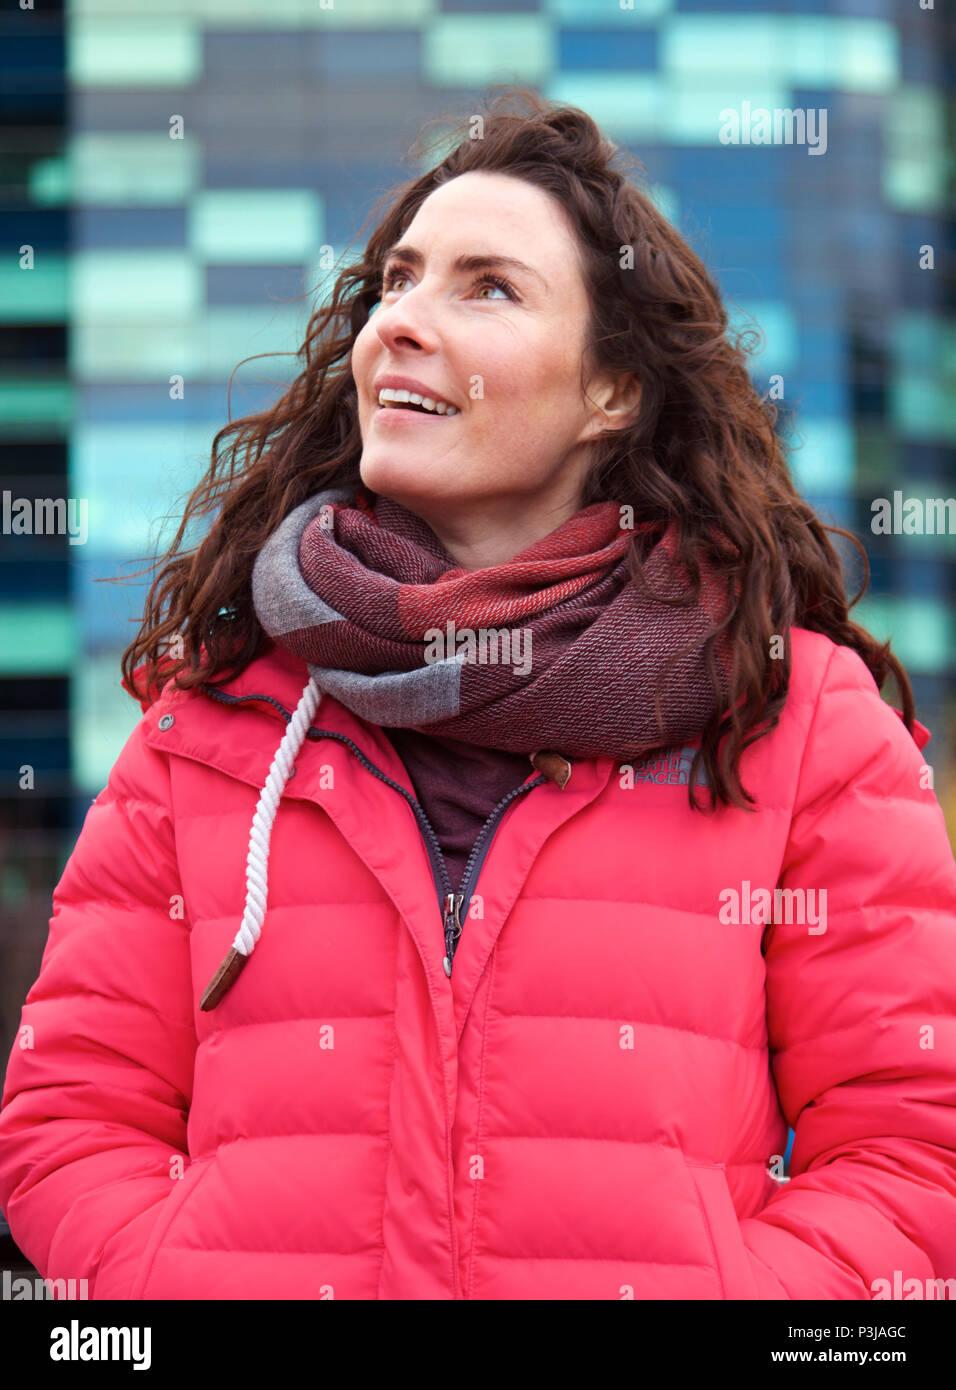 woman wearing big scarf smiling - Stock Image